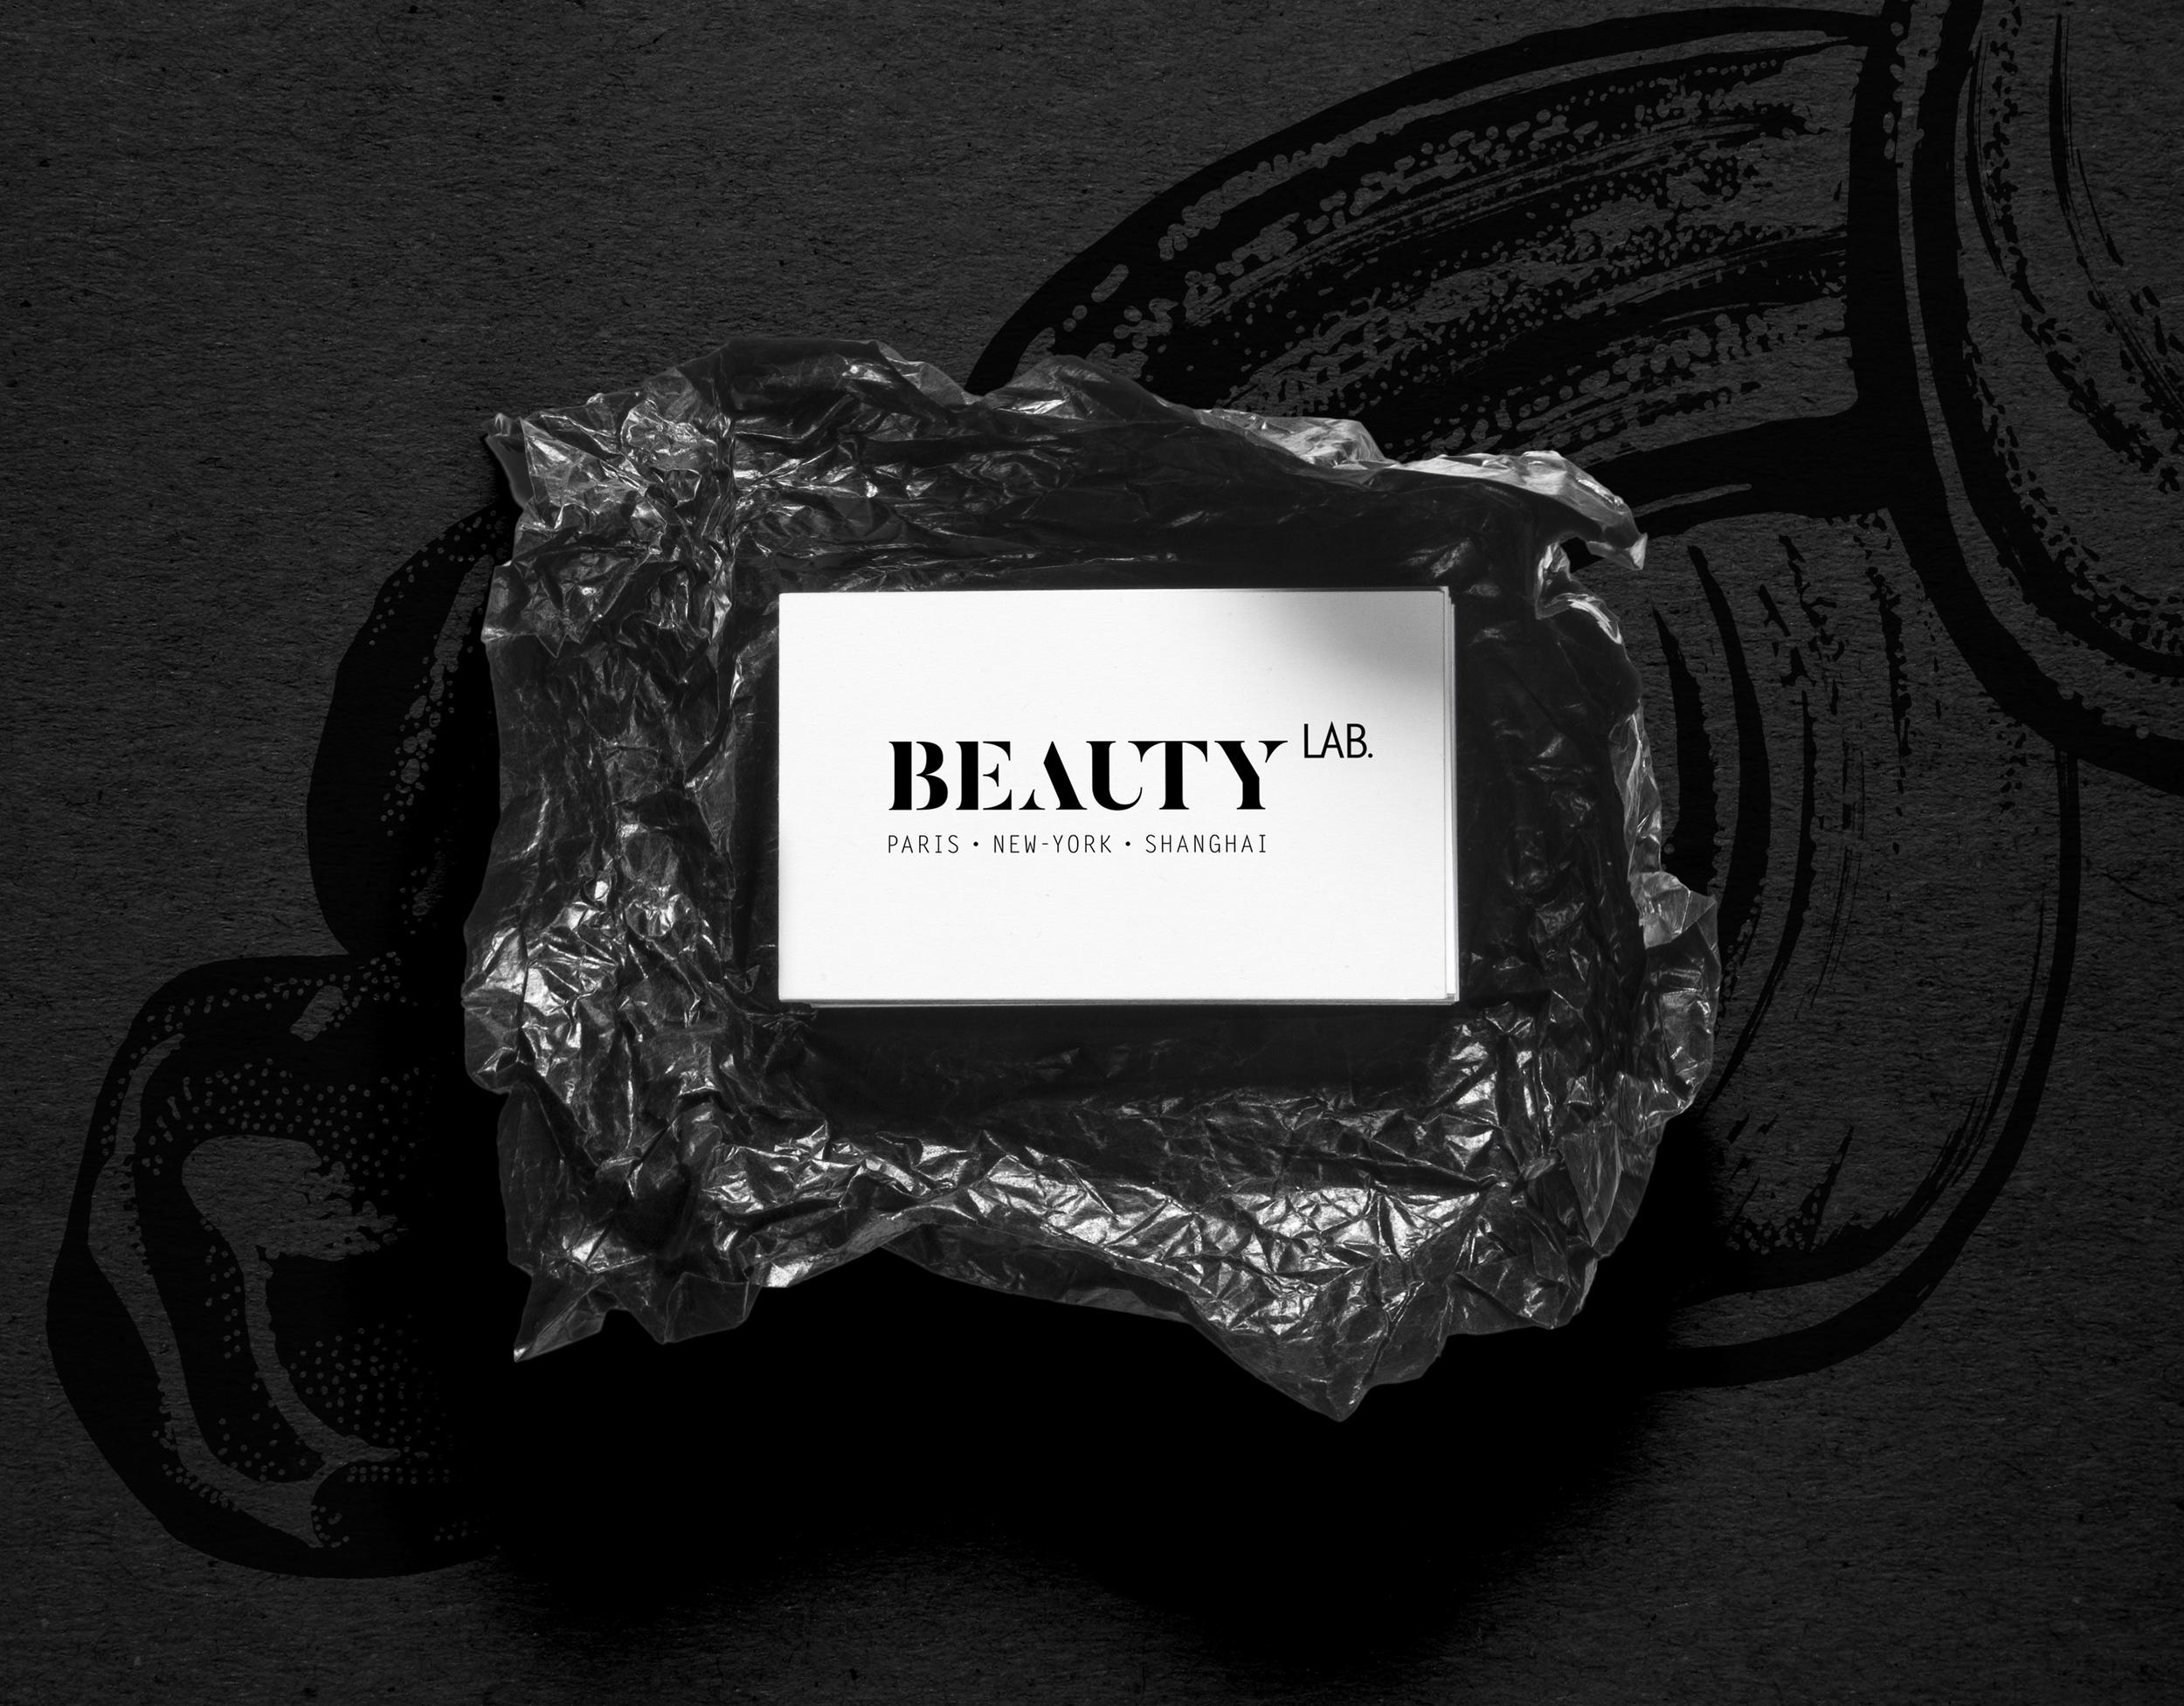 amandine delaunay claire-lise bengué direction artistique identité logo businee cards beauty lab new york manhattan